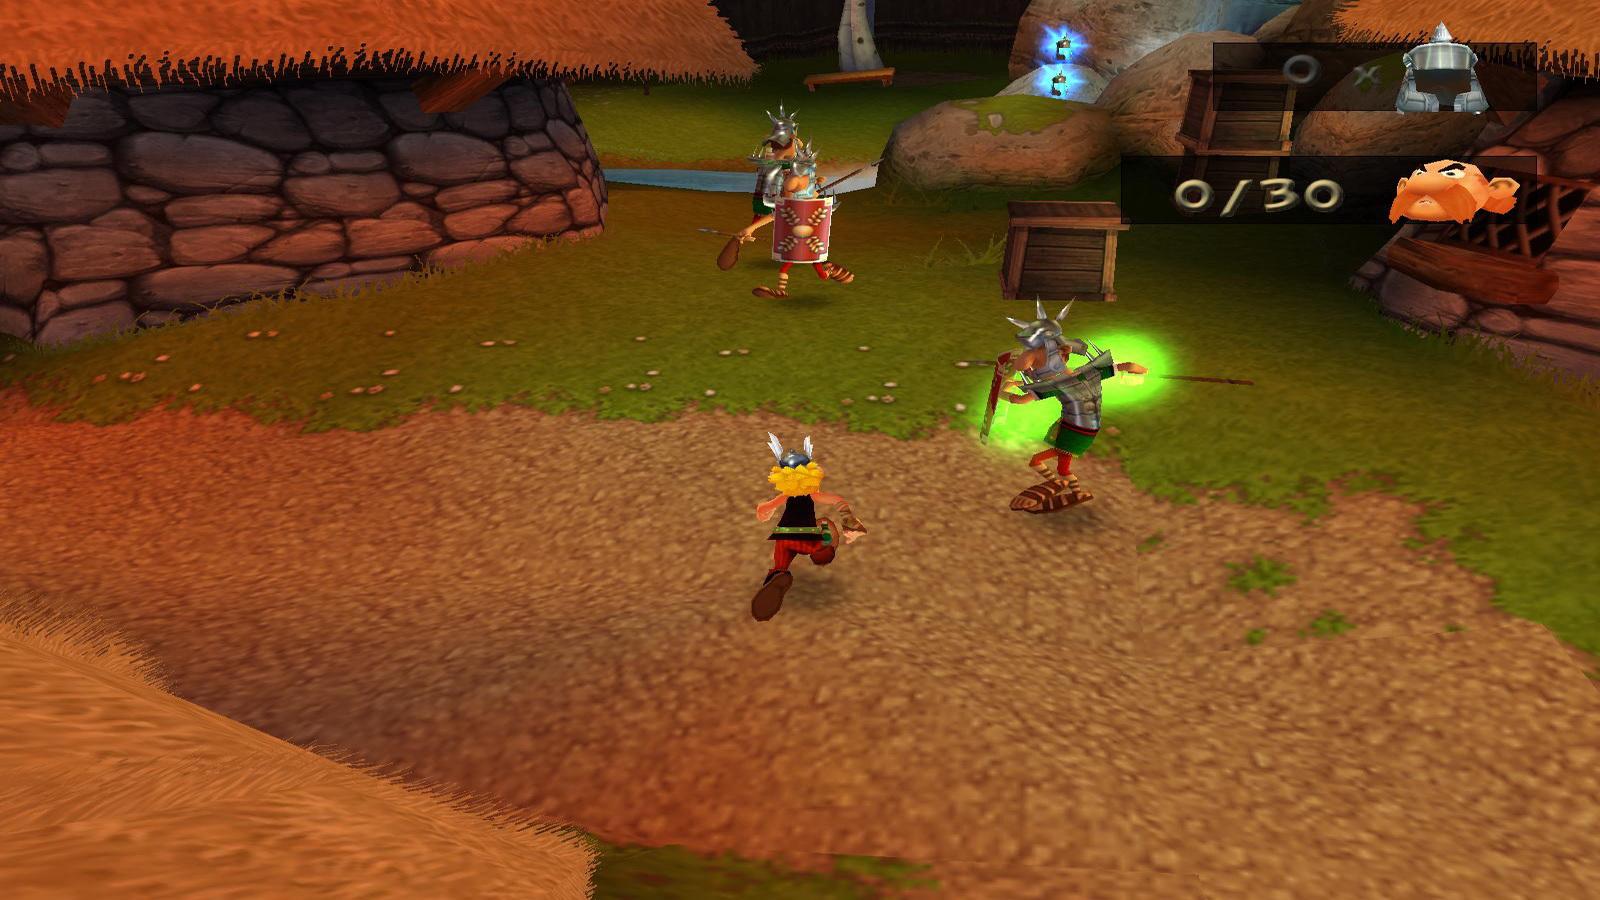 GameModule 2010-12-14 13-47-21-37.jpg